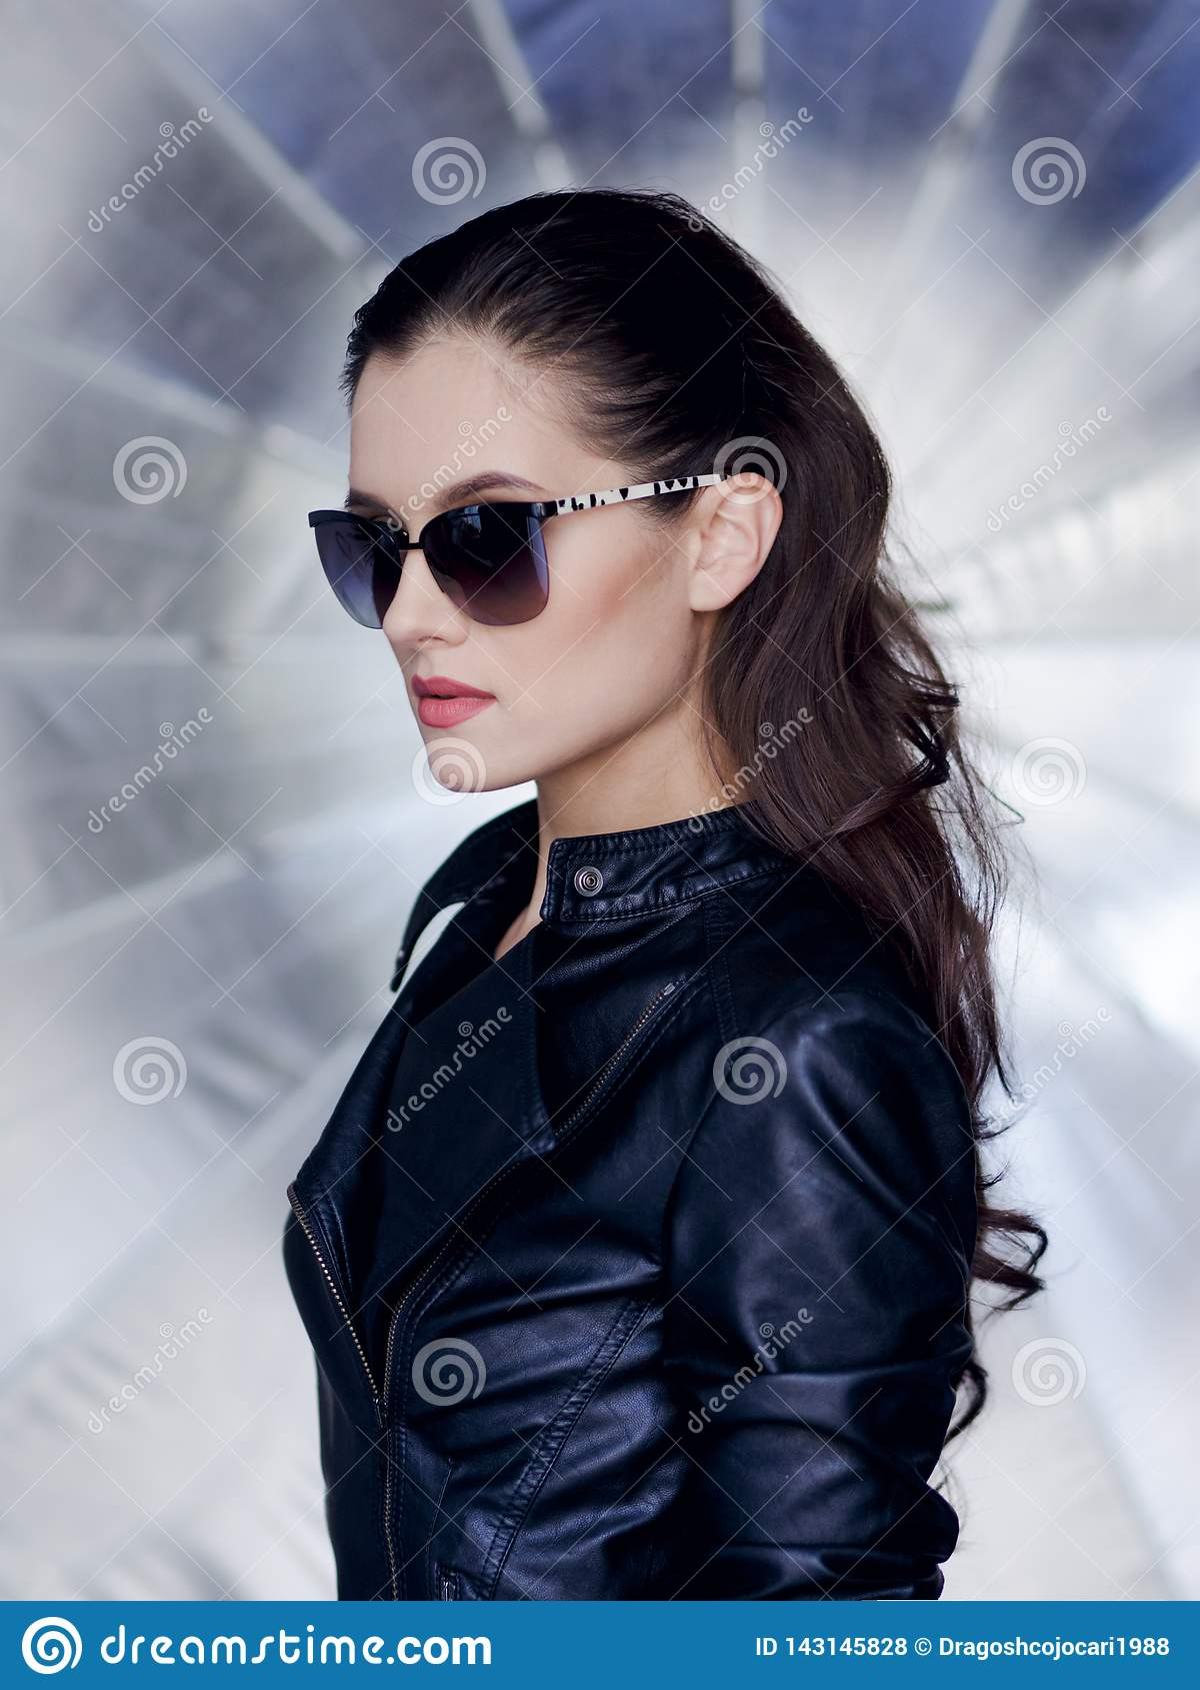 Βέβαιο και προκλητικό brunette με το όμορφο πρόσωπο, τα μοντέρνα γυαλιά ηλίου, το μαύρους σακάκι δέρματος και τον επαναστάτη hair